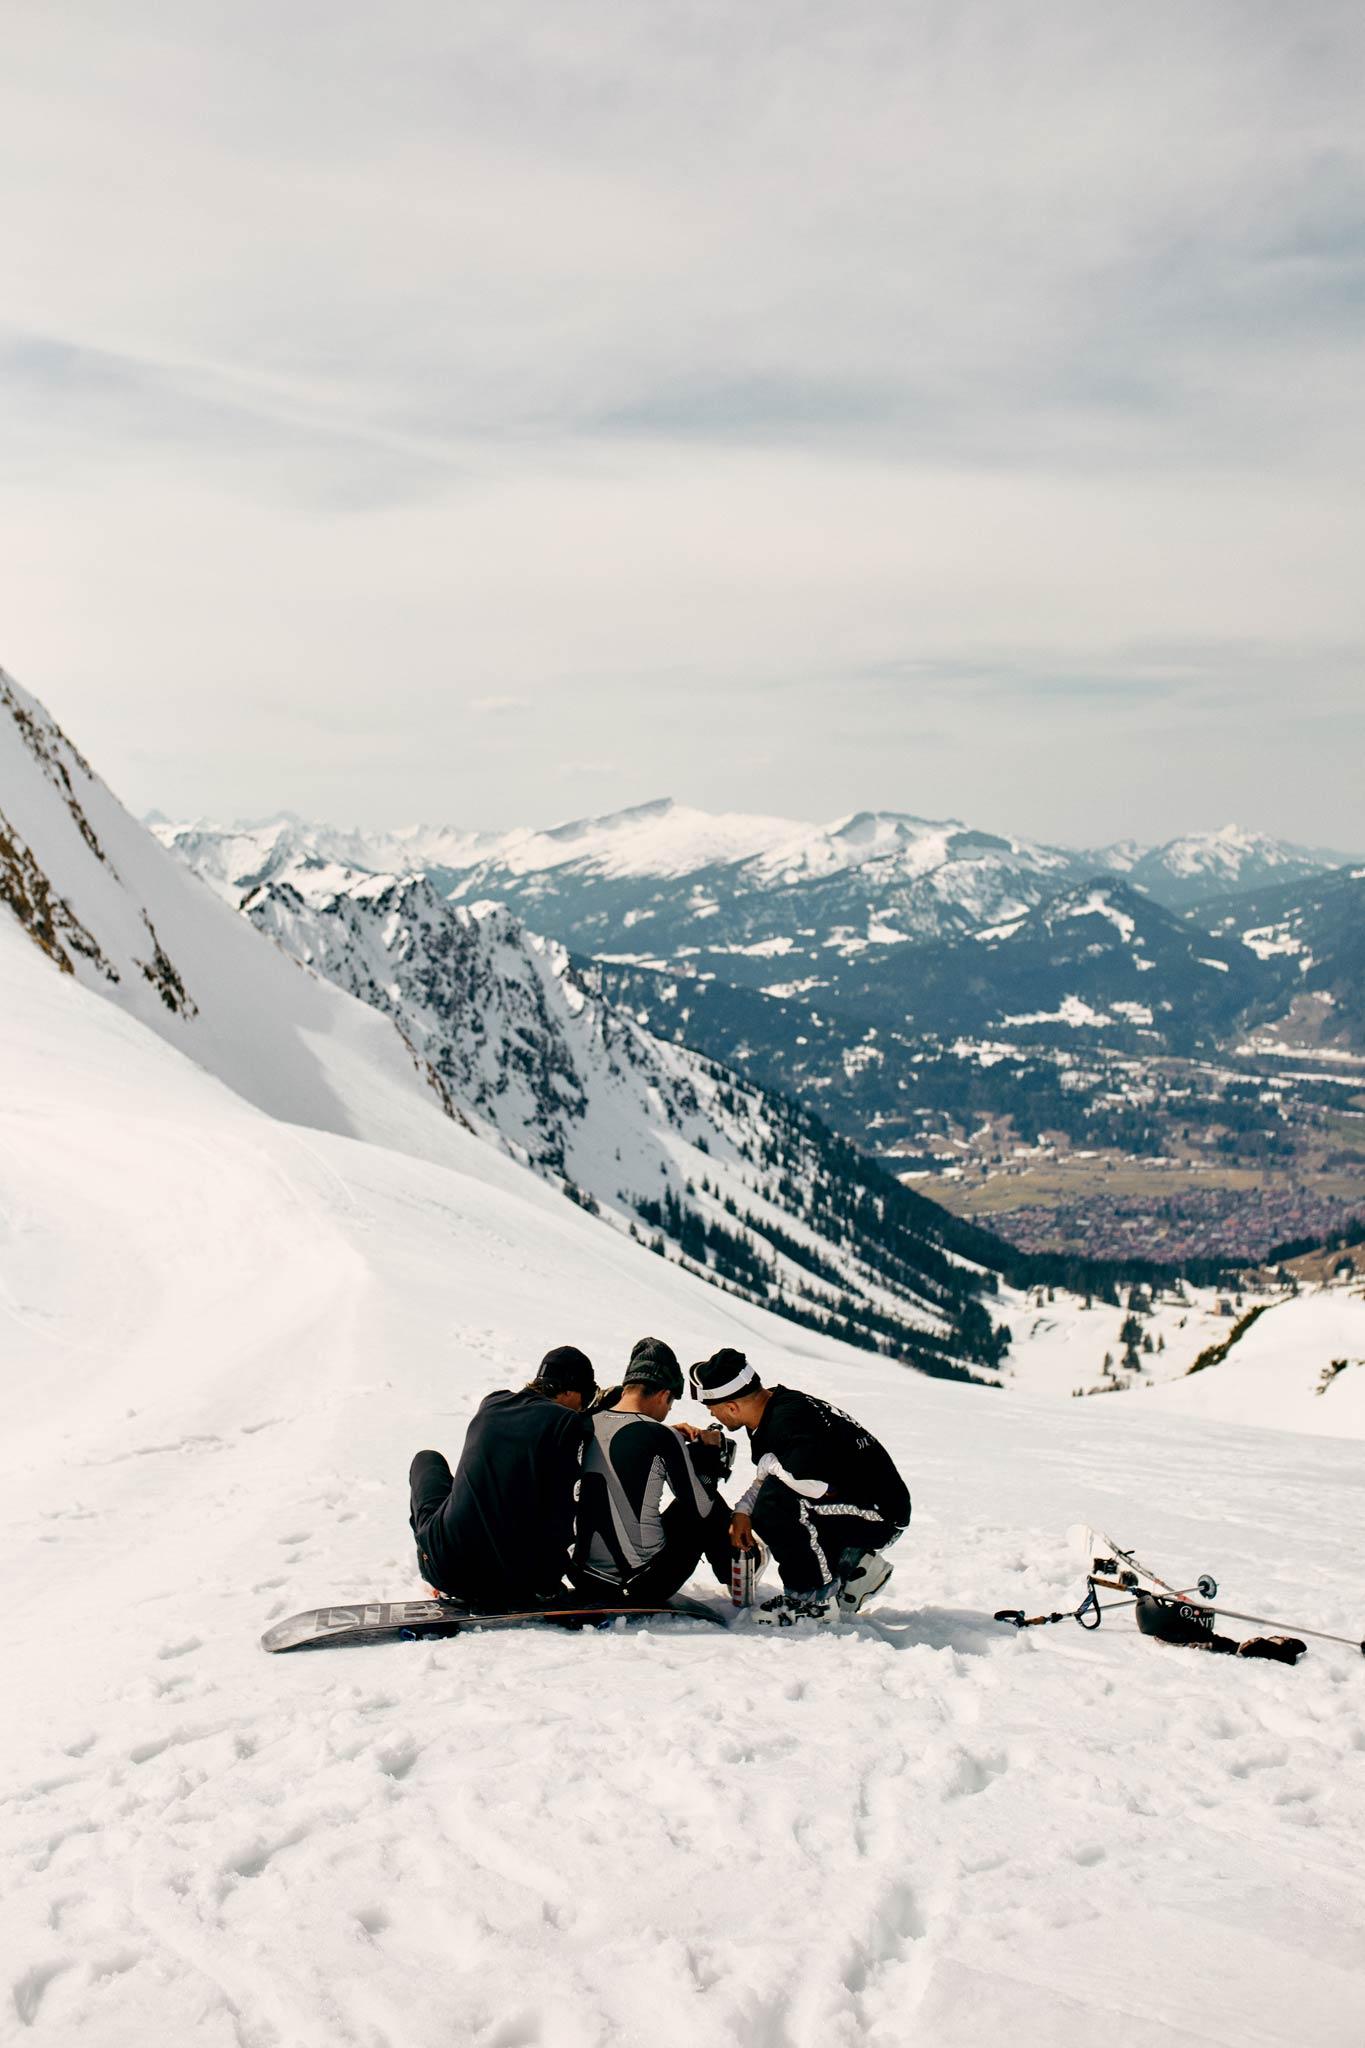 Nicht nur der Arlberg eignet sich für Backcountry Shootings. - Foto: Marco Freudenreich